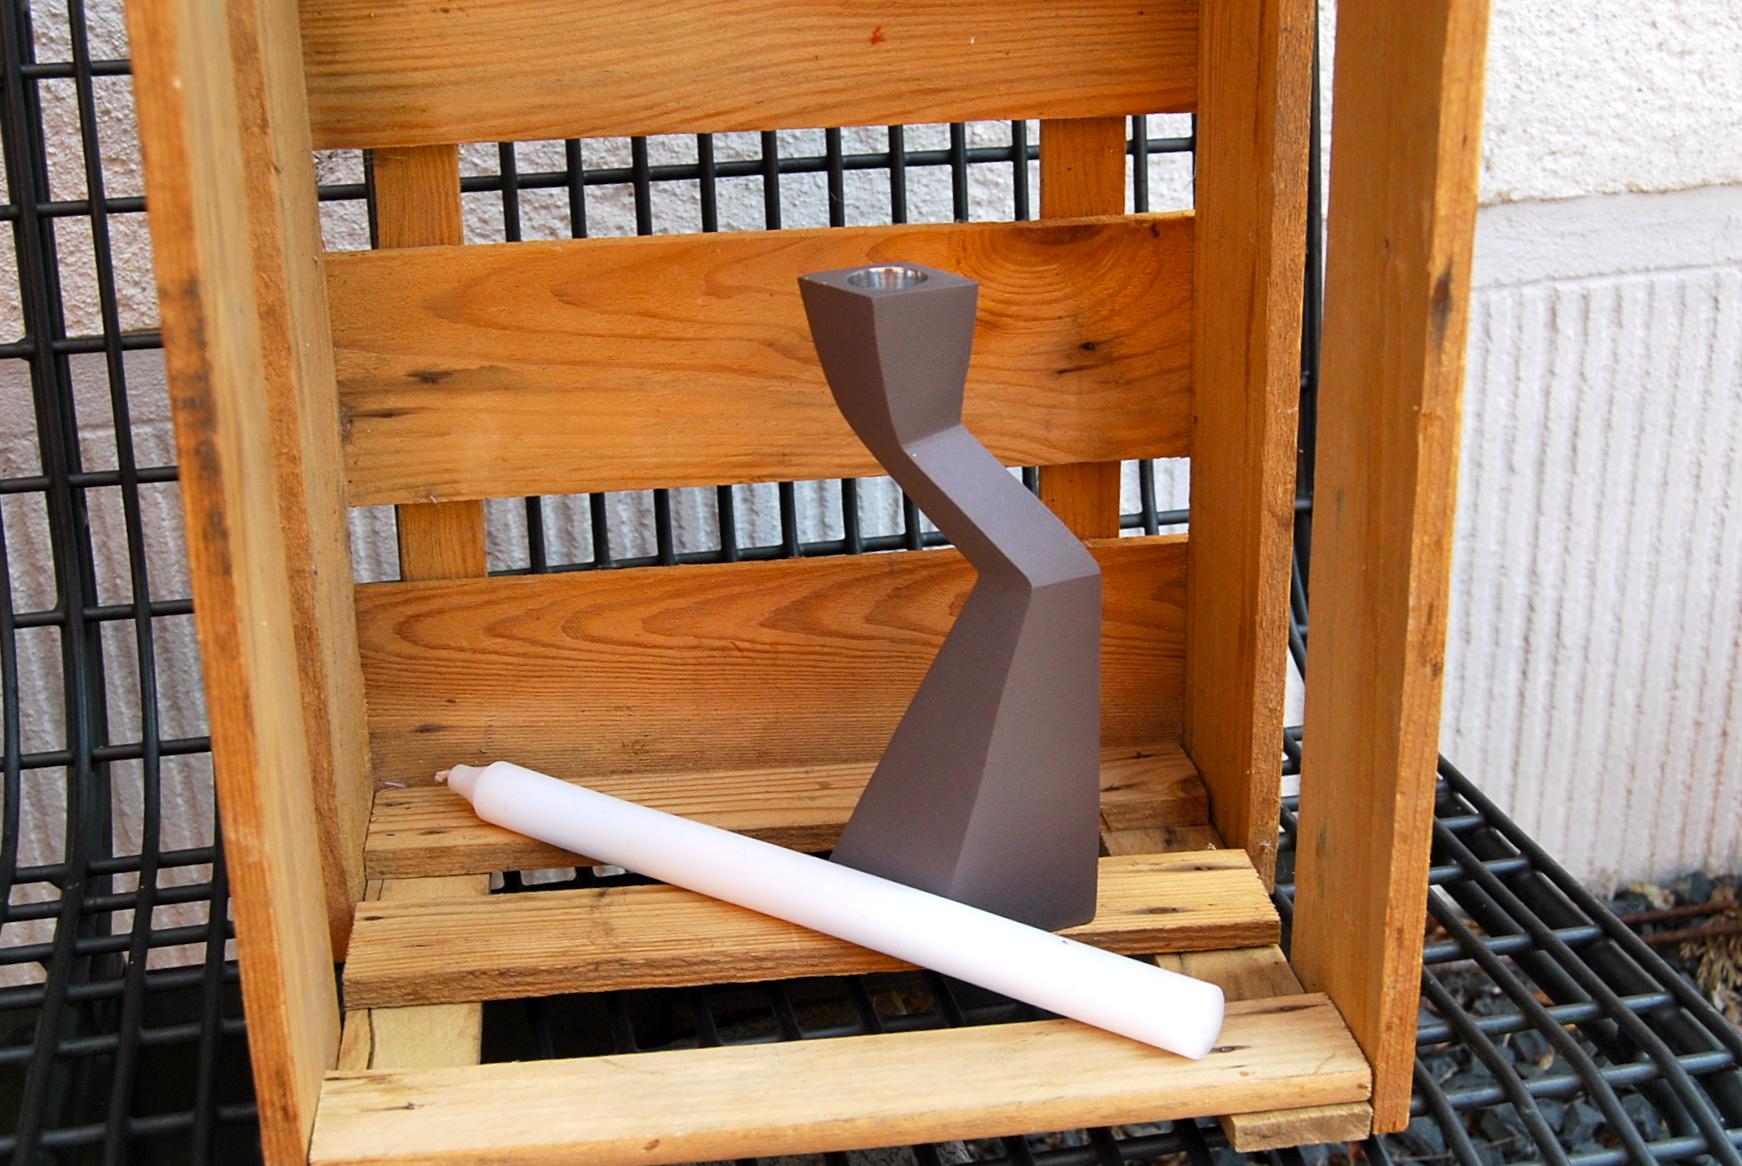 Windlichtaufsatz teelichtaufsatz glasaufsatz für kerzenhalter